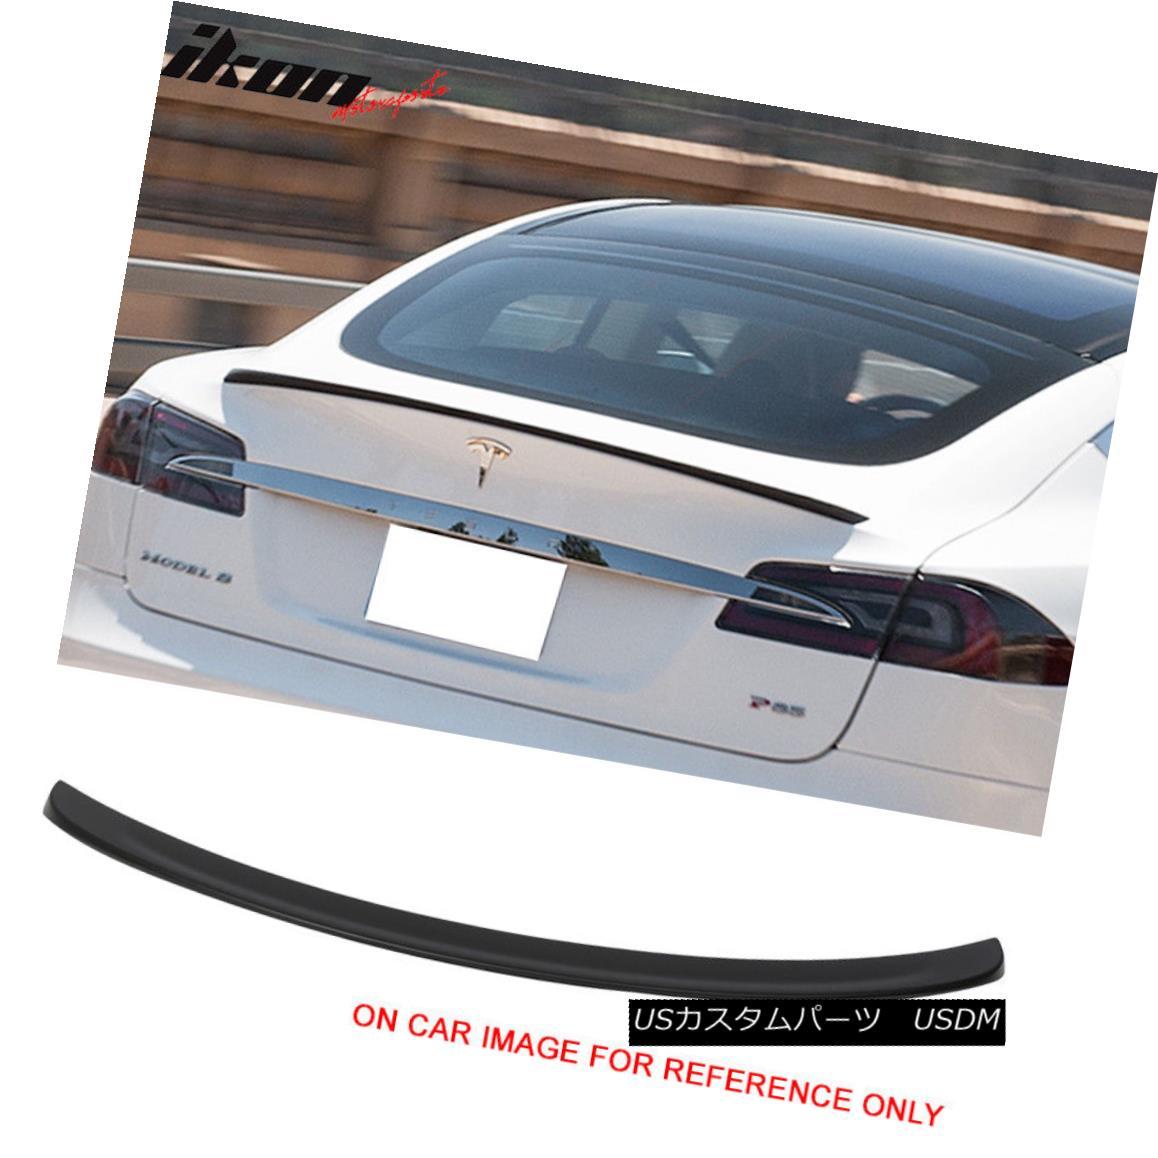 エアロパーツ 12-17 Tesla Model S 4Dr Sedan Rear Trunk Spoiler Wing Unpainted ABS 12-17テスラモデルS 4Drセダンリアトランクスポイラーウイング無塗装ABS